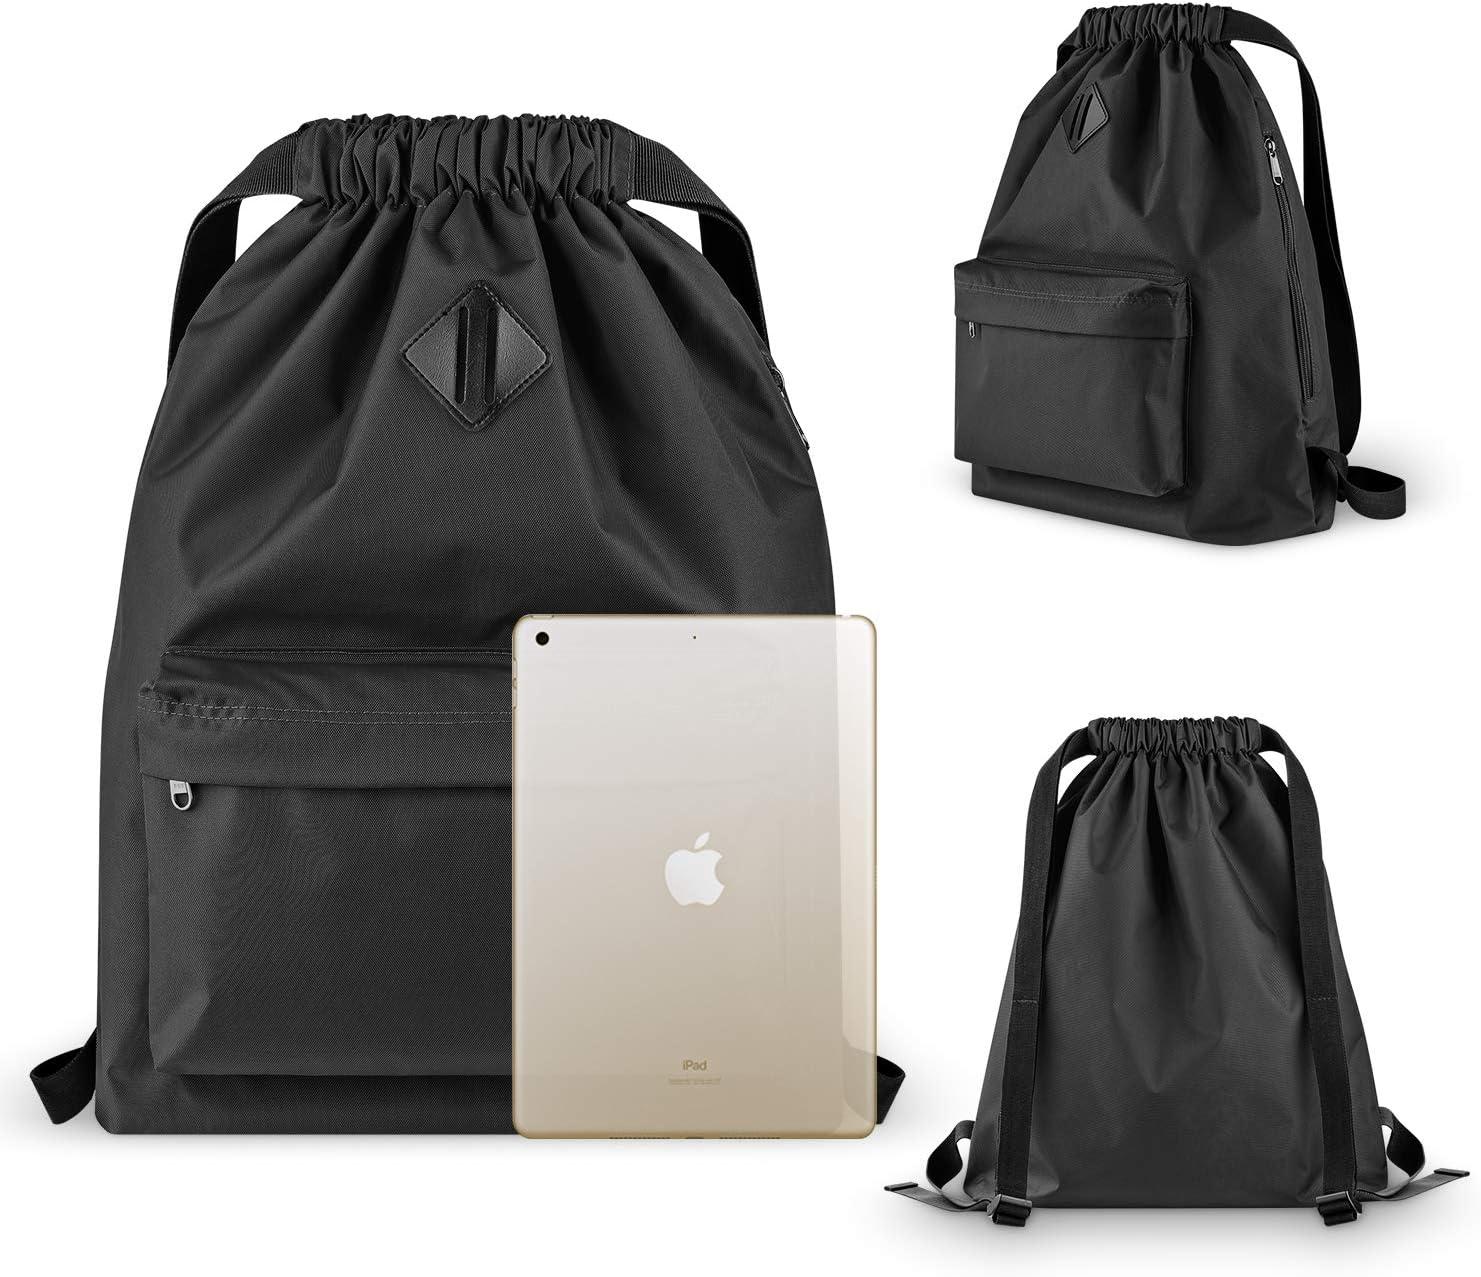 Vorspack Drawstring Backpack Nylon Sports Gym Waterproof String Bag Cinch Sack Gymsack for Men Women